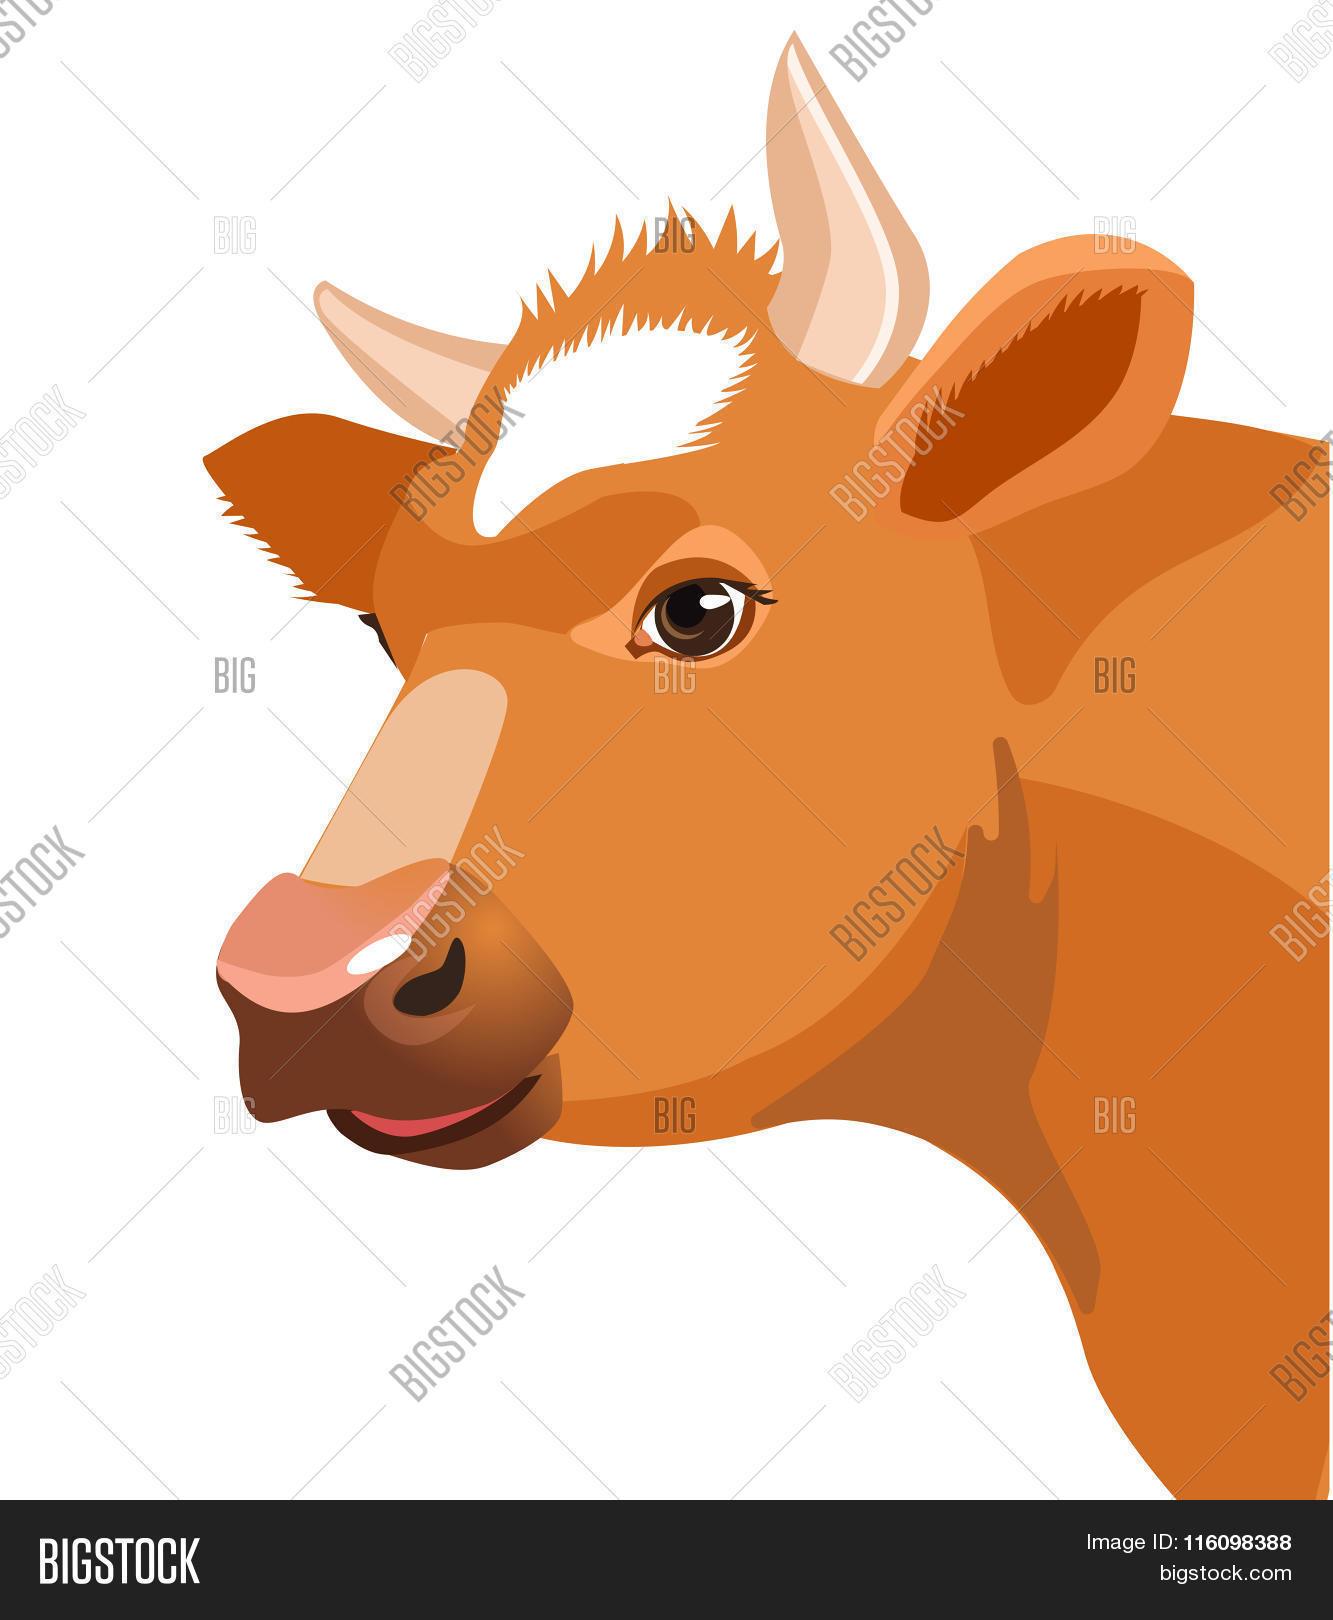 Cow Face Vector Image. Cow Face On Vector & Photo   Bigstock